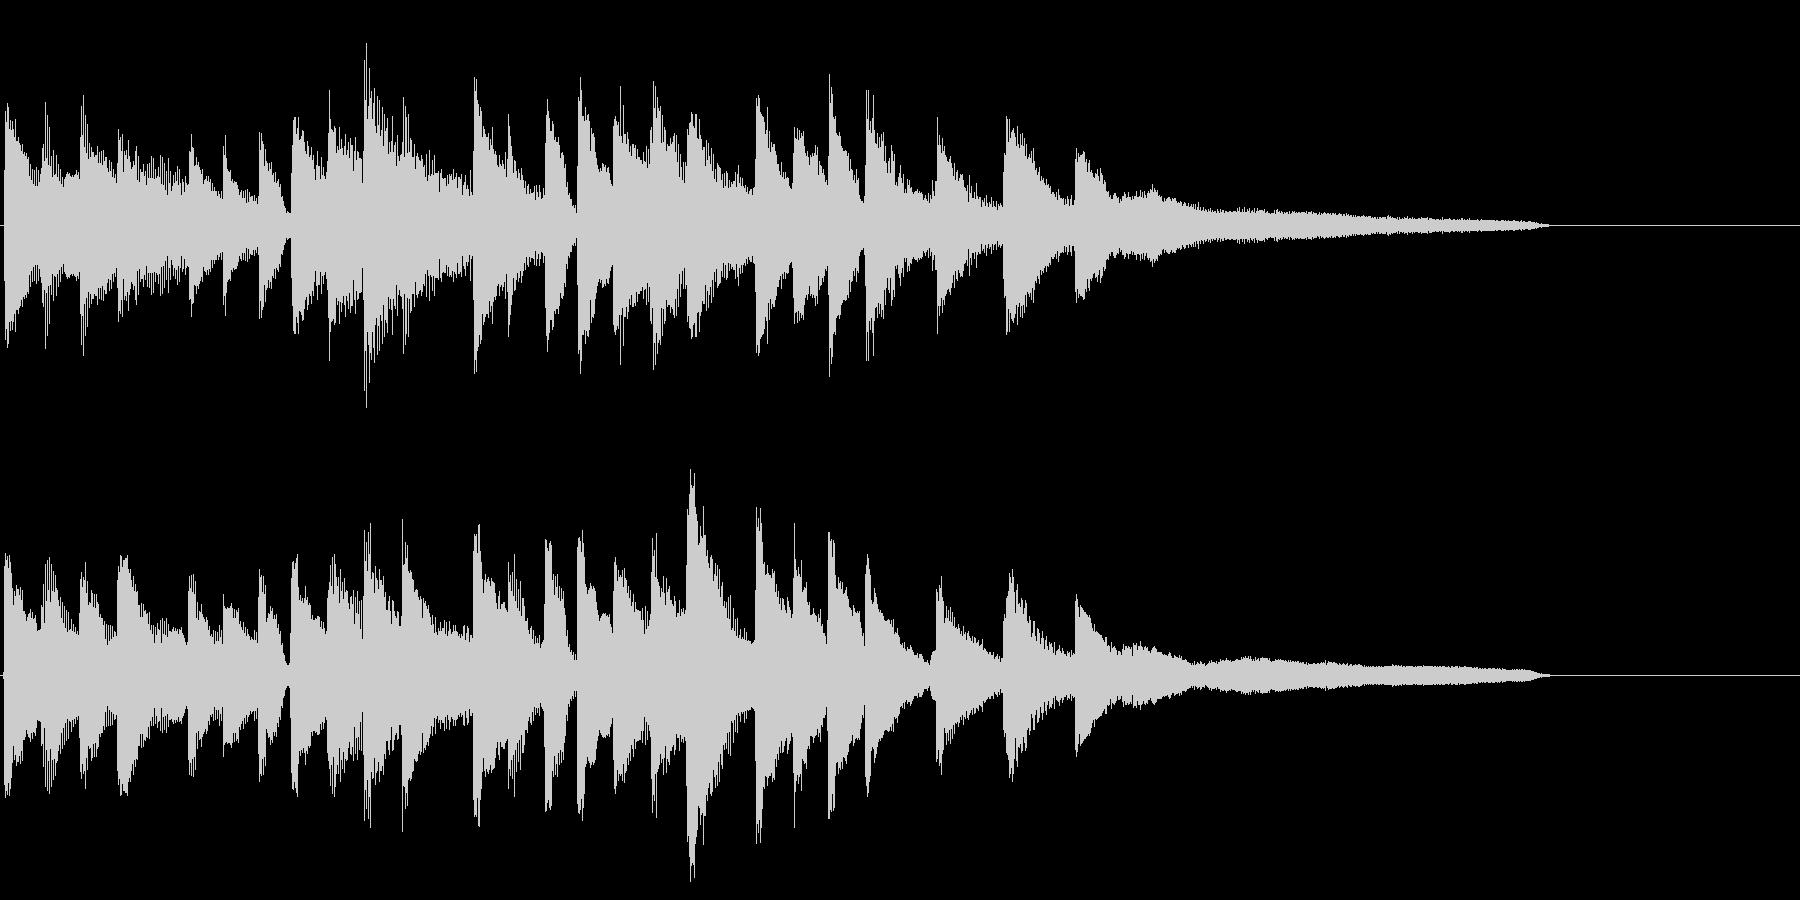 綺麗・爽やかなピアノソロのサウンドロゴの未再生の波形